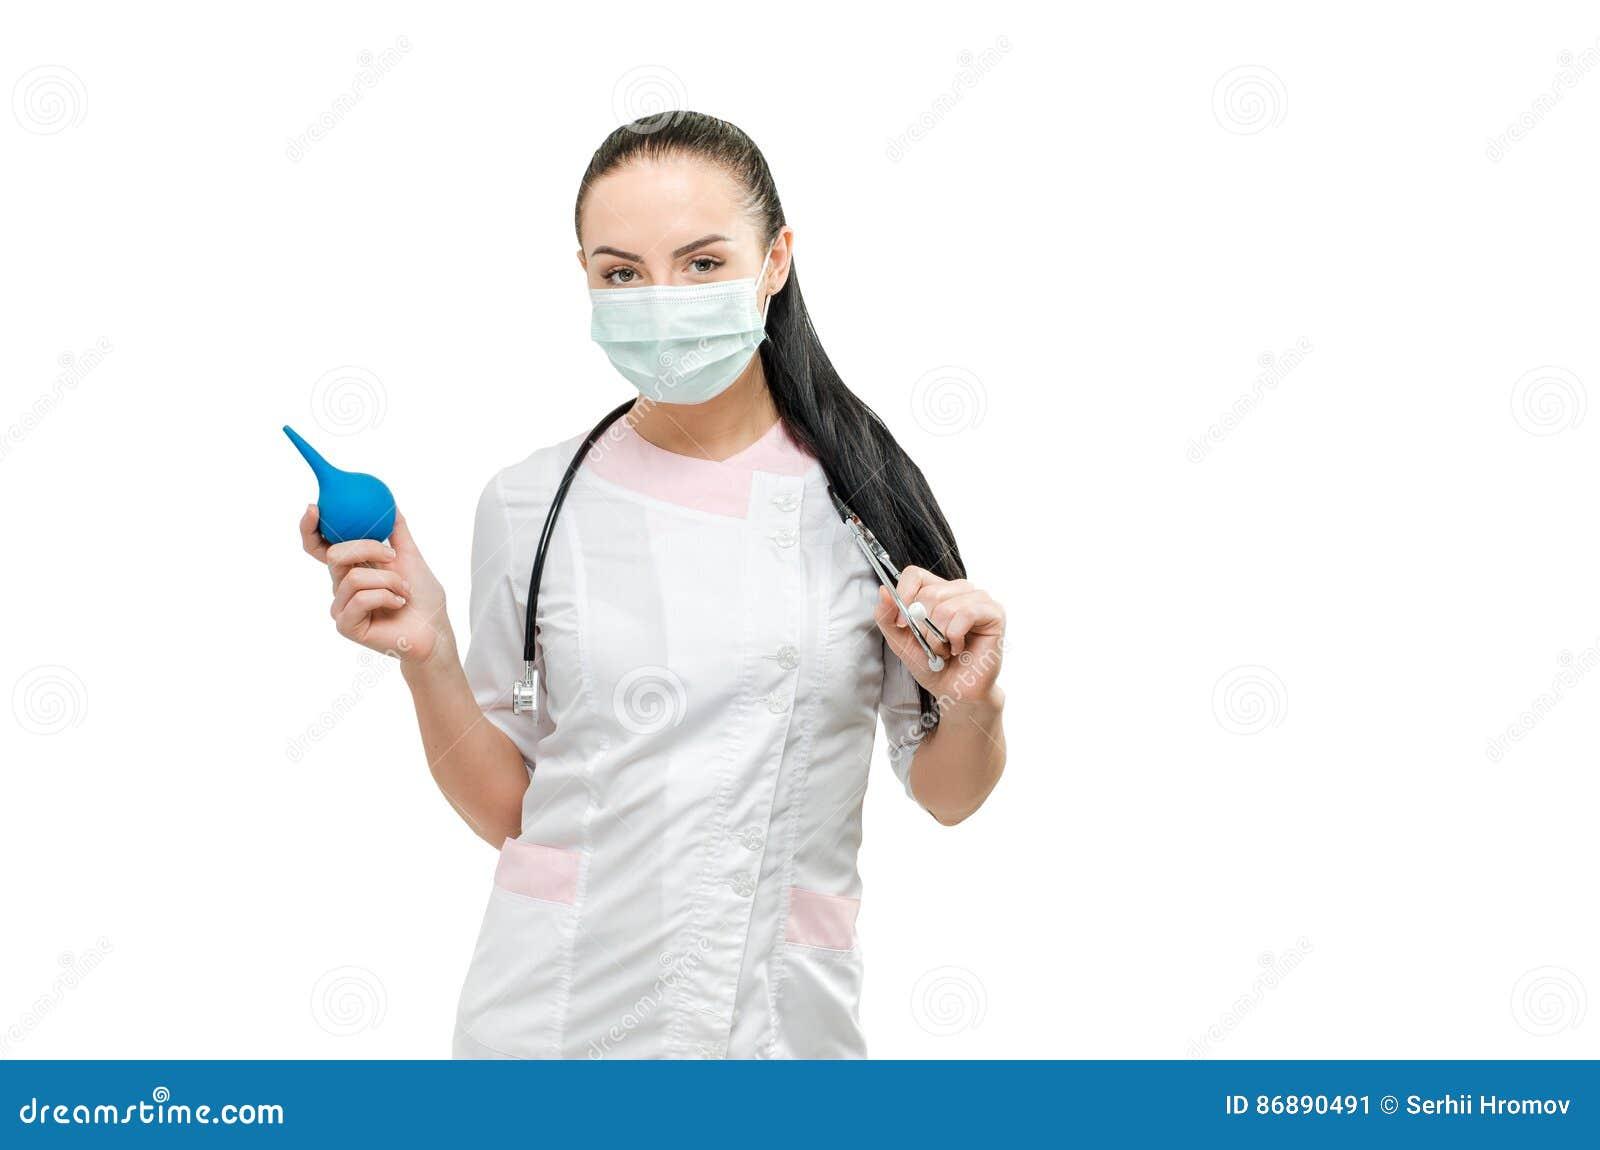 Portret lekarka i enema w ręce, odosobniony na białym tle